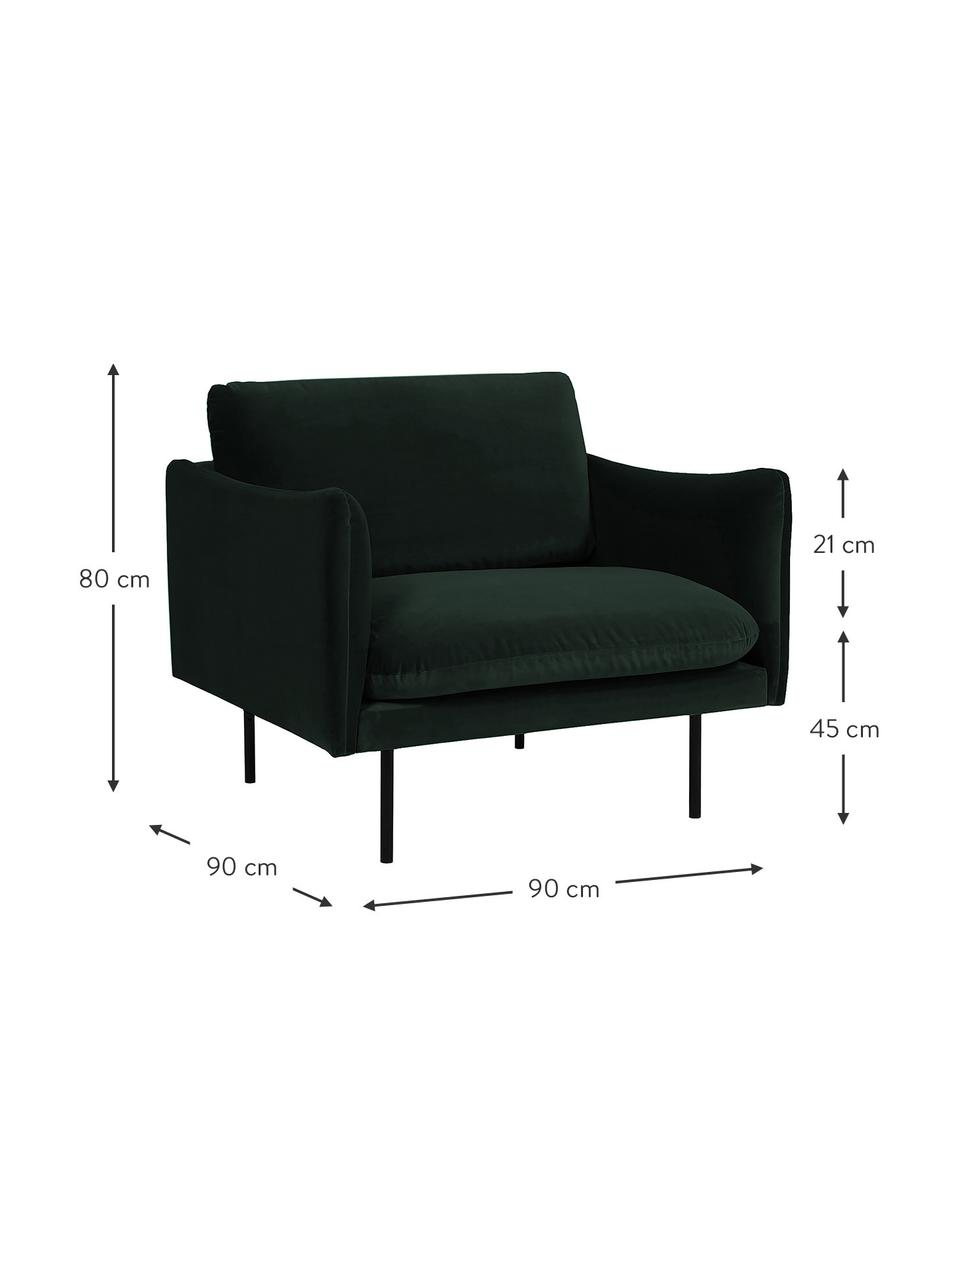 Fluwelen fauteuil Moby in donkergroen met metalen poten, Bekleding: fluweel (hoogwaardig poly, Frame: massief grenenhout, Poten: gepoedercoat metaal, Fluweel donkergroen, B 90 x D 90 cm